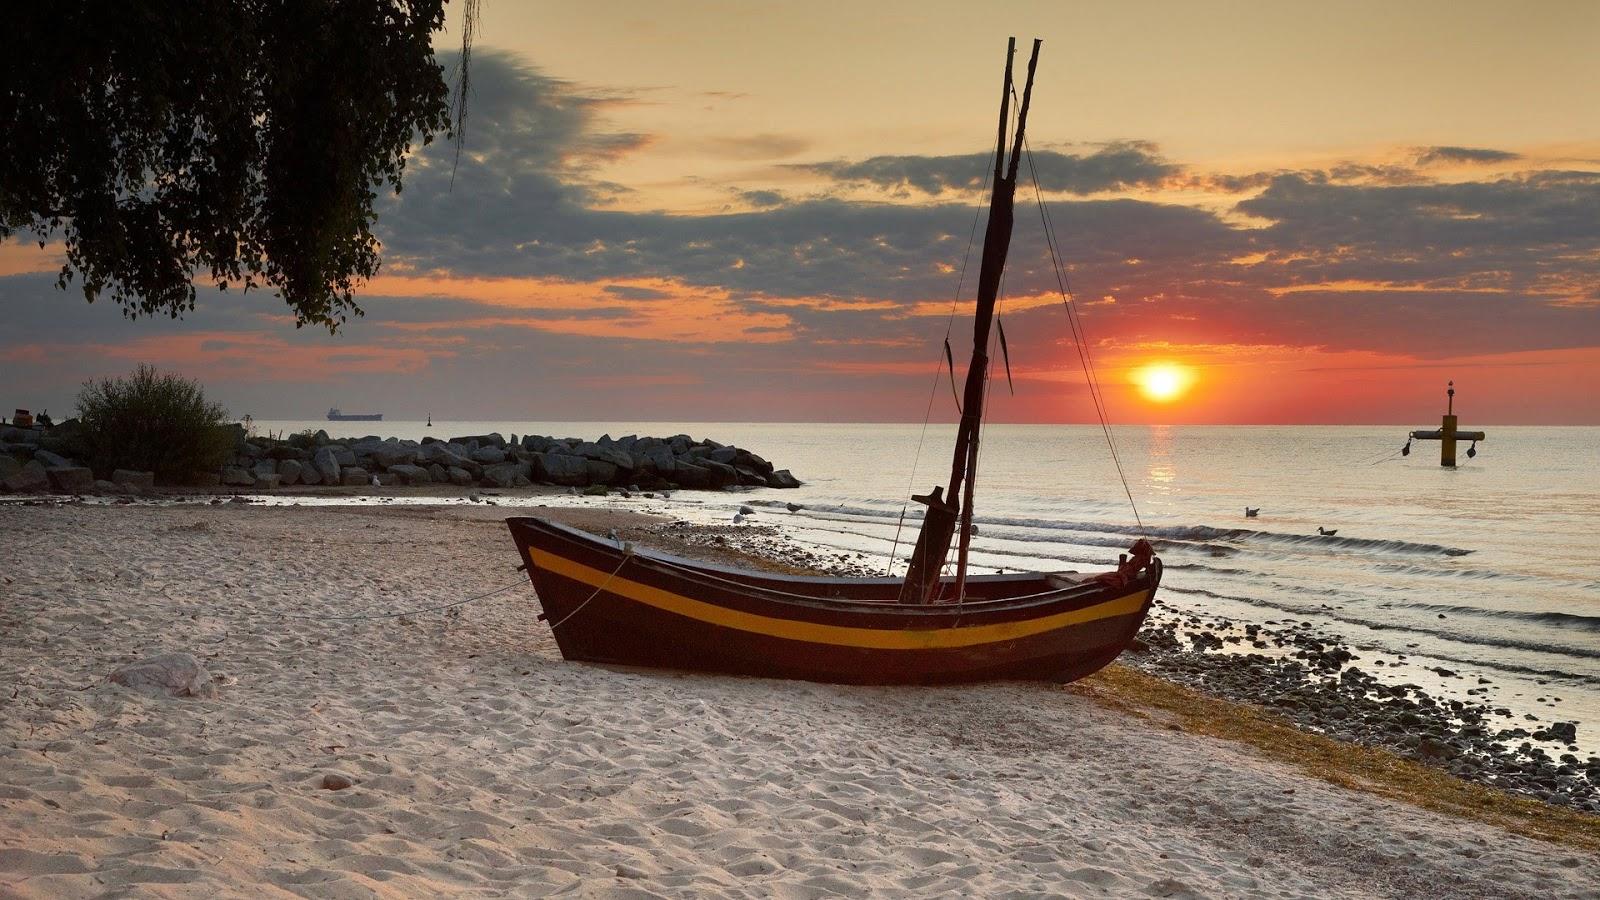 http://3.bp.blogspot.com/-4_AQljBT8JU/UPDfCp-iBoI/AAAAAAAABhI/tXKIL0irXrU/s1600/beach_sunset-wallpaper.jpg